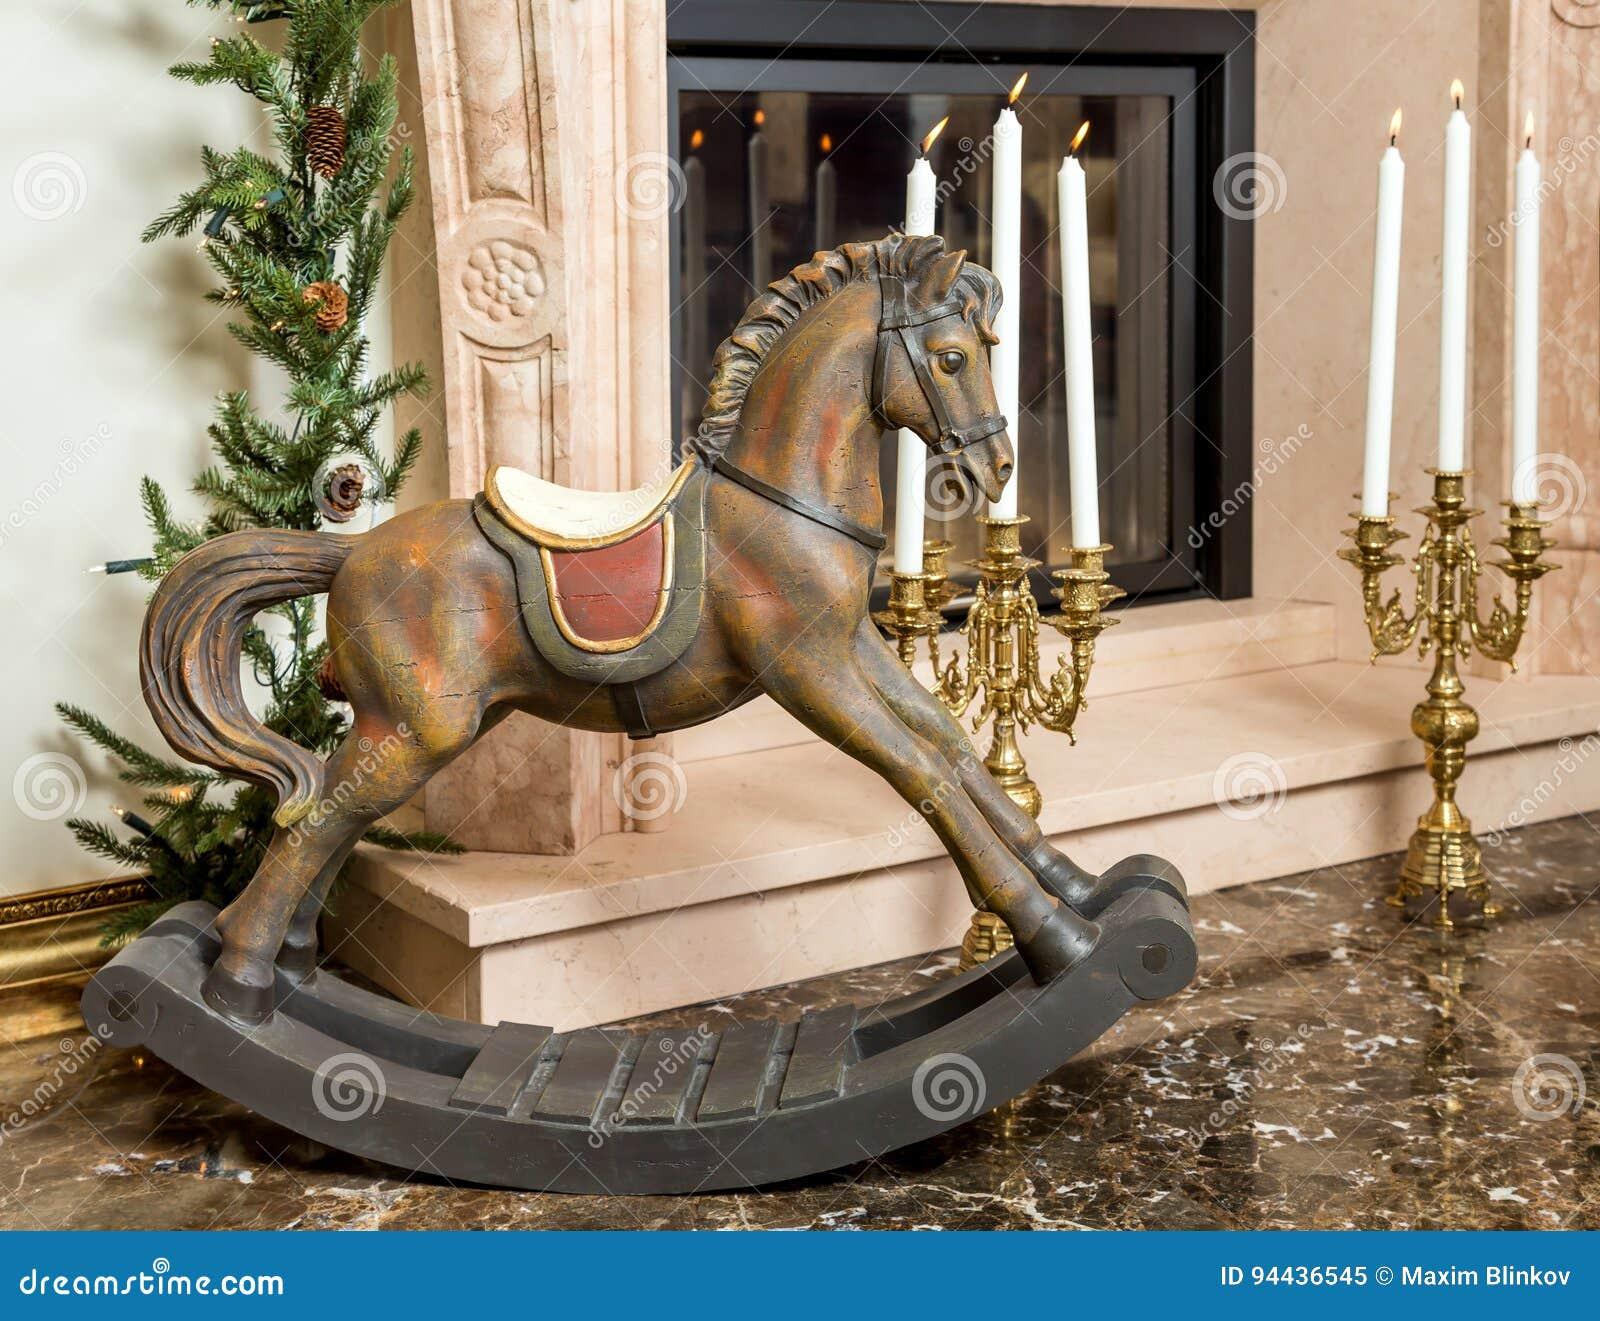 Cavallo A Dondolo Legno.Vecchio Cavallo A Dondolo Di Legno Vicino Al Camino Immagine Stock